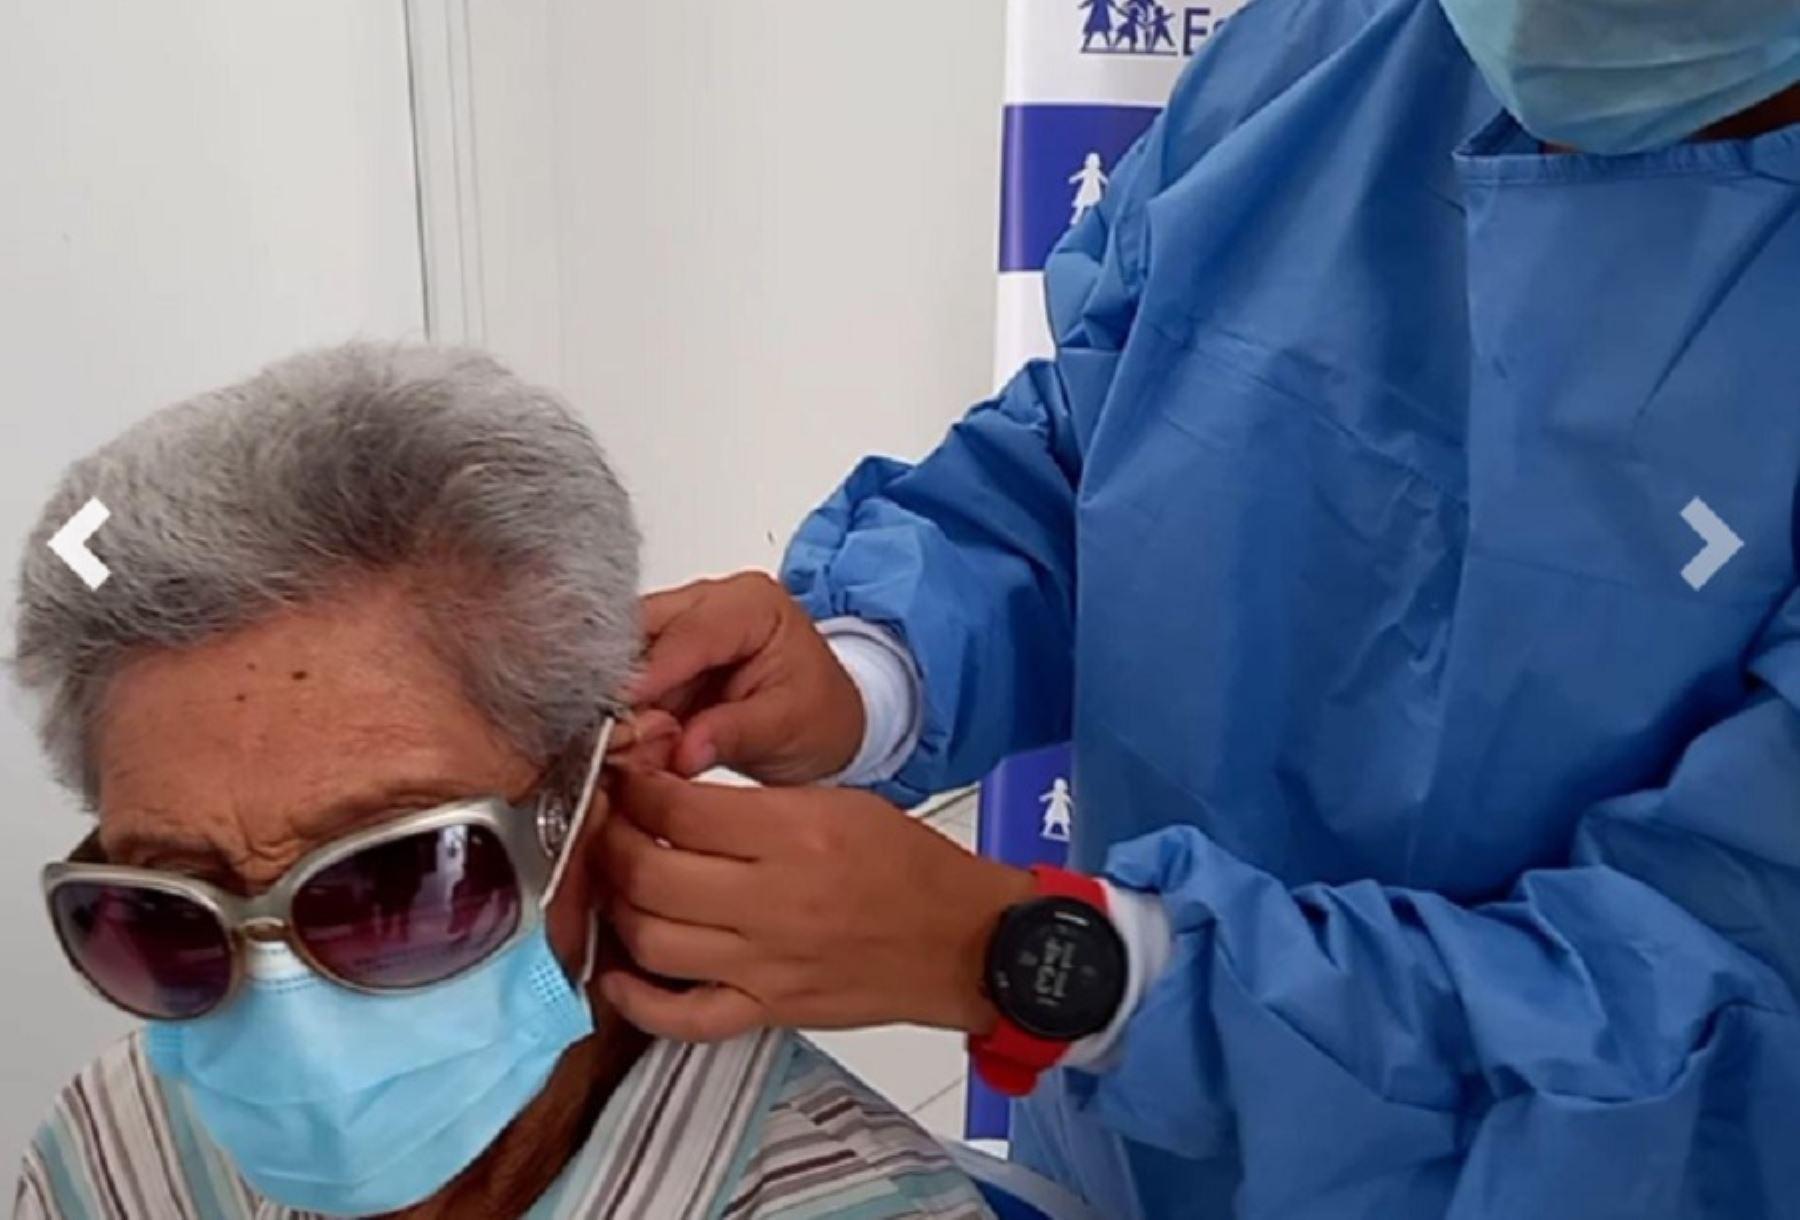 Diez adultos mayores, entre las edades de 64 a 92 años, vencieron al covid-19 y también recuperaron el sentido de la audición tras recibir audífonos medicados, informó el director de la Red Asistencial Moquegua de EsSalud, Dr. Daniel Sánchez Alarcón.